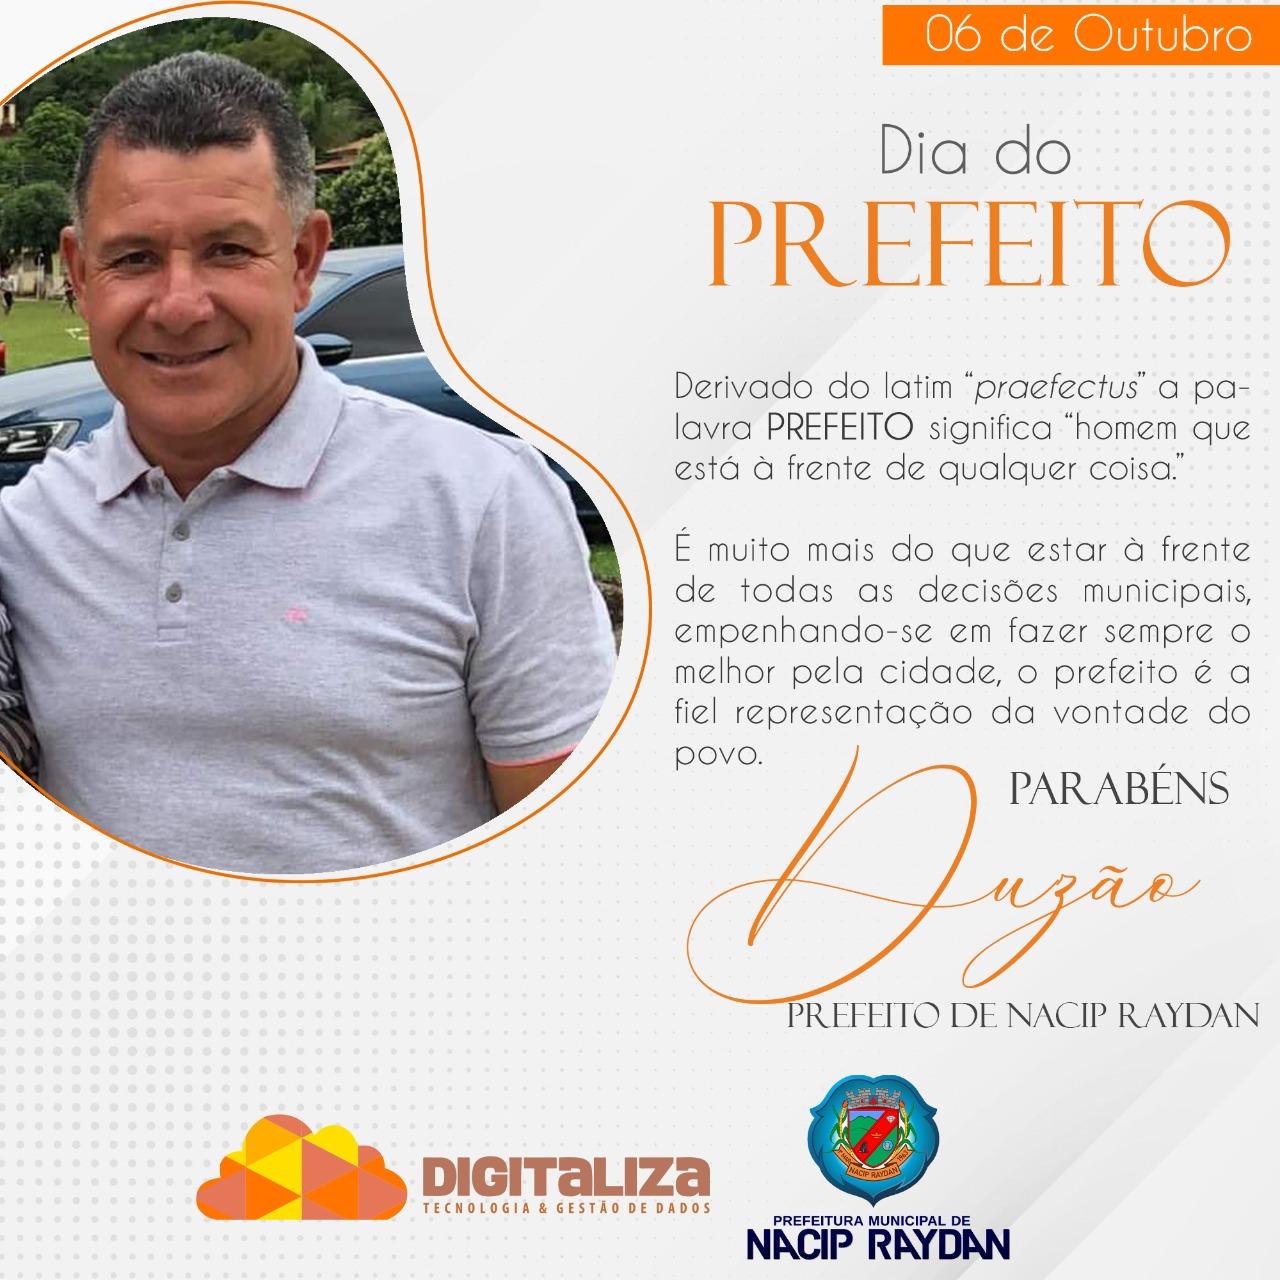 DIA DO PREFEITO